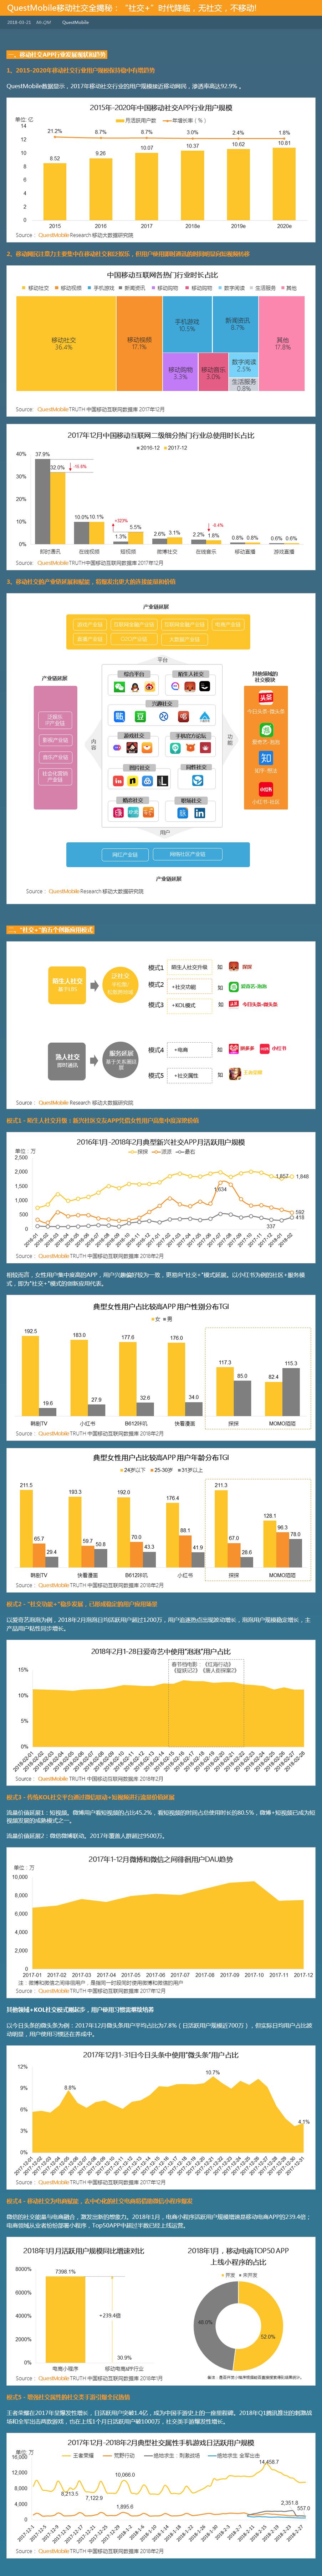 """QuestMobile 移动社交全揭秘:""""社交+""""时代降临,无社交,不移动"""